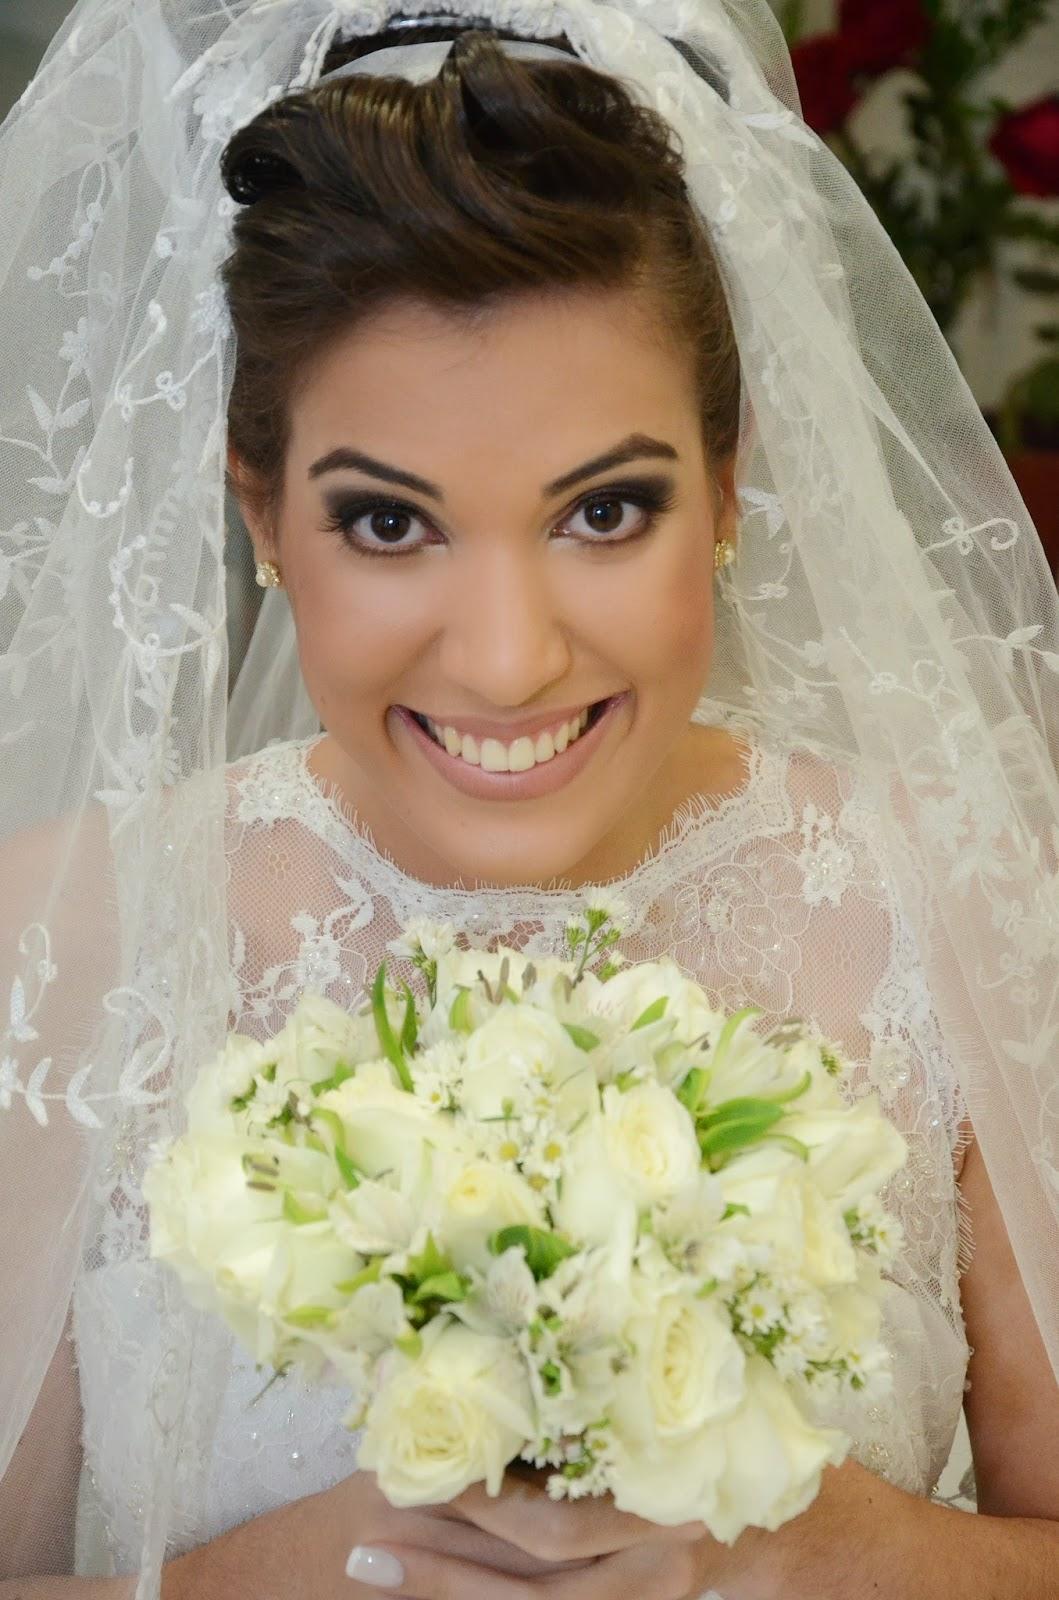 noiva - making of da noiva - making of - dia da noiva - make - cabelo - penteado - bouquet - véu